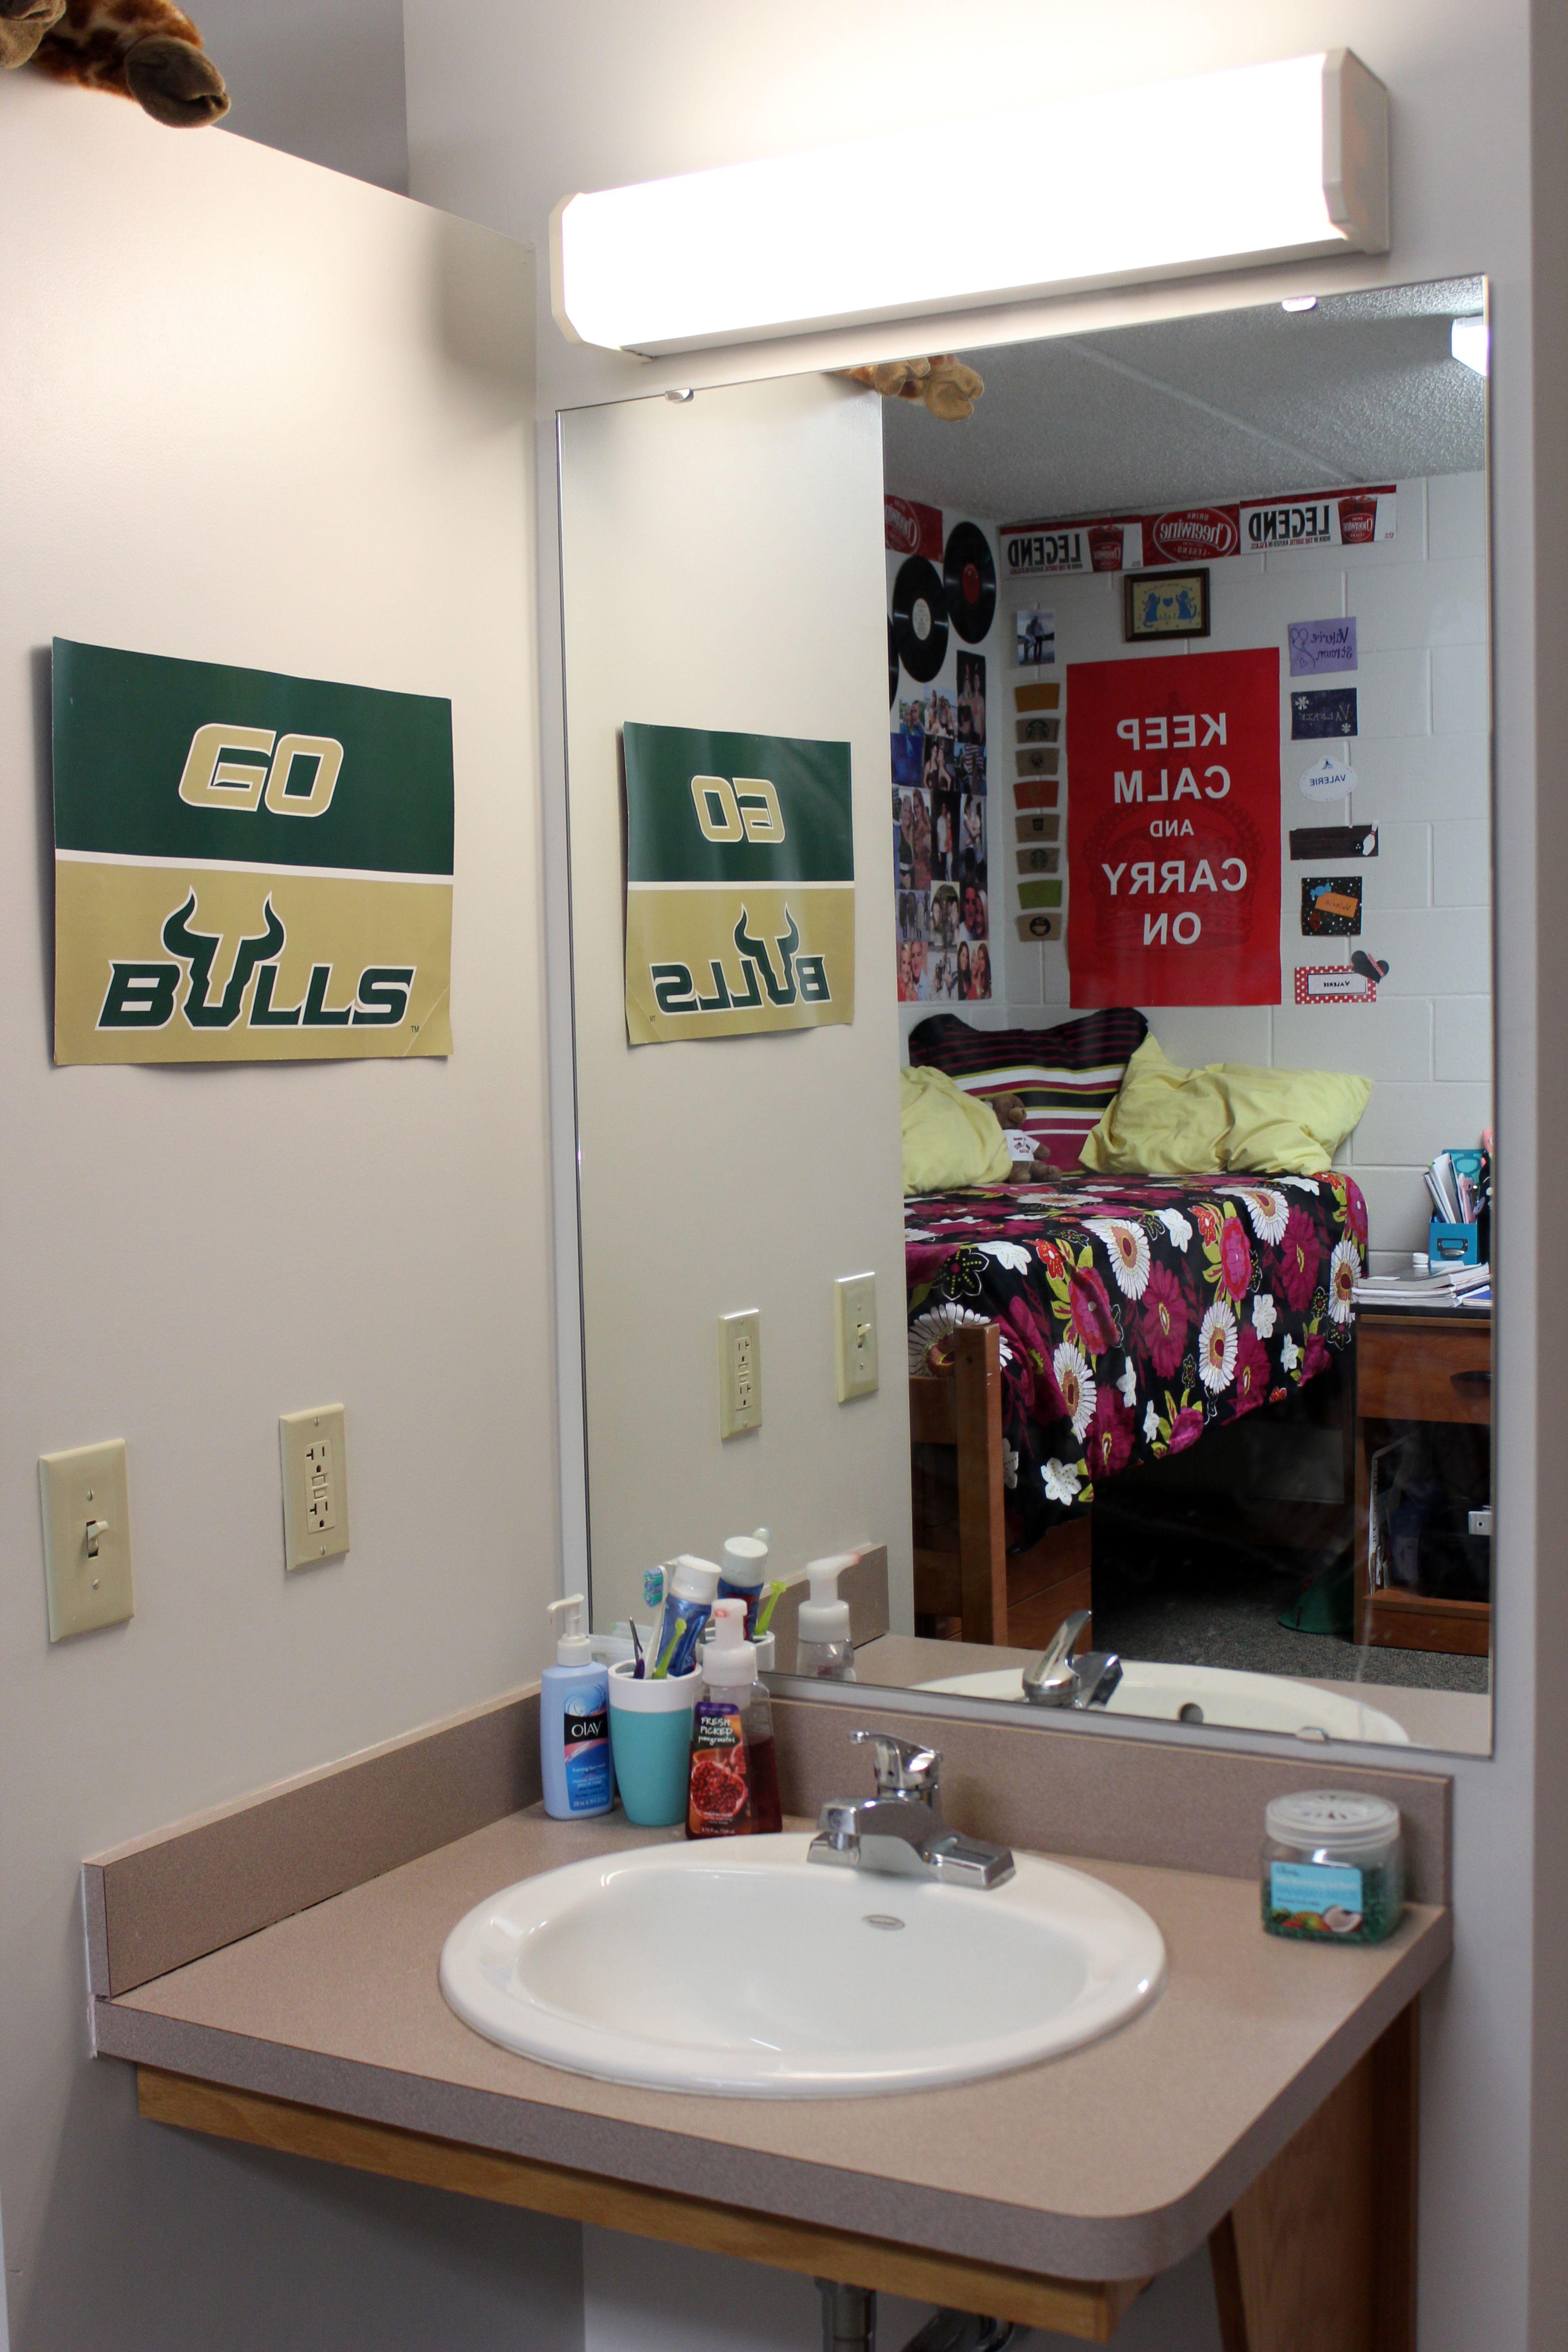 Cypress Suites Bedroom Sink Dorm Rooms Sink Bedroom Suite